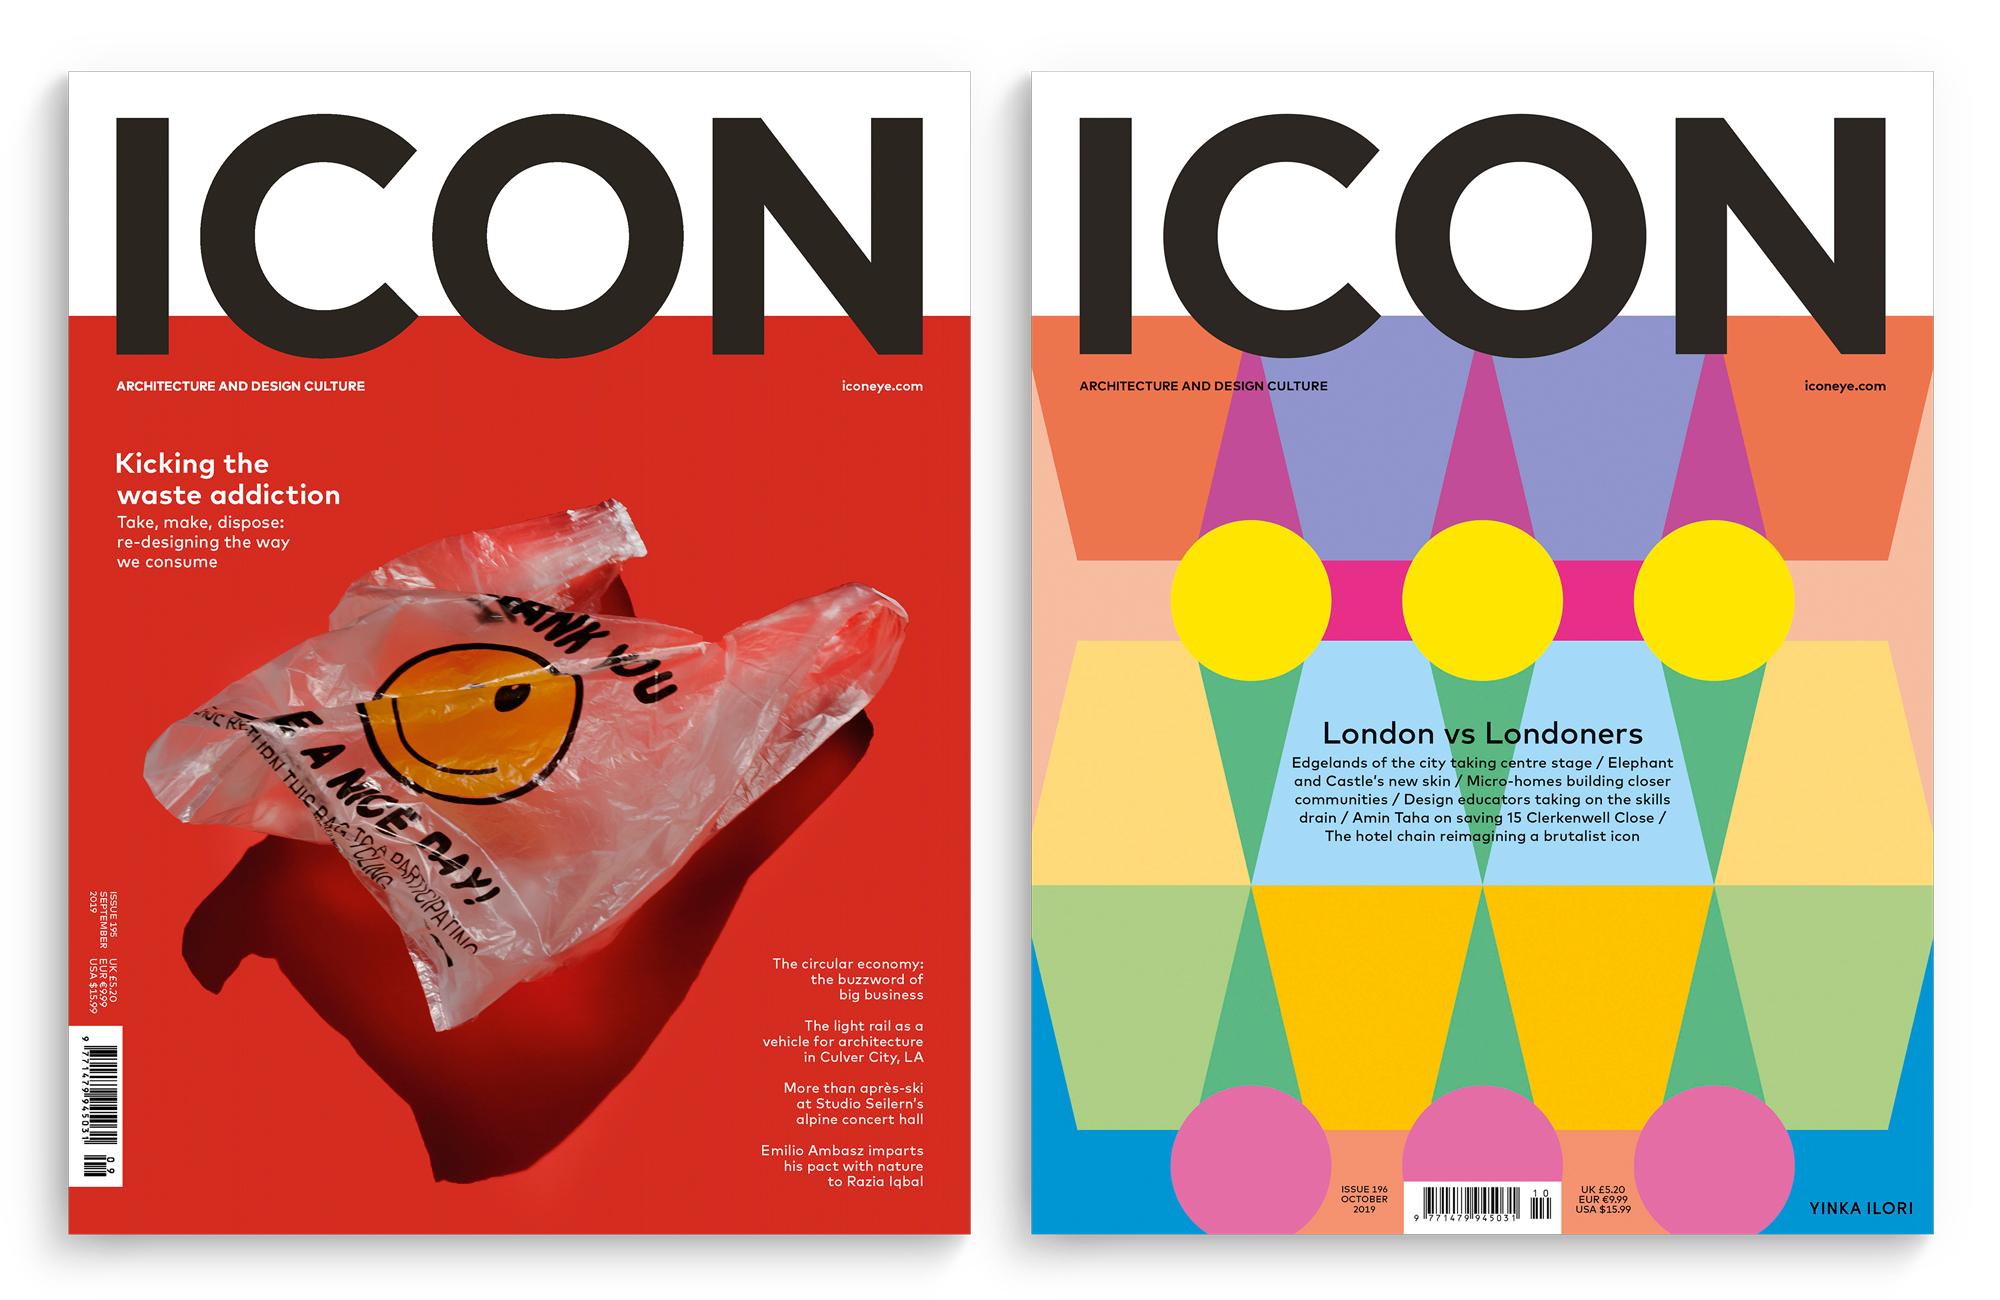 IconMaglayout2019copy_web